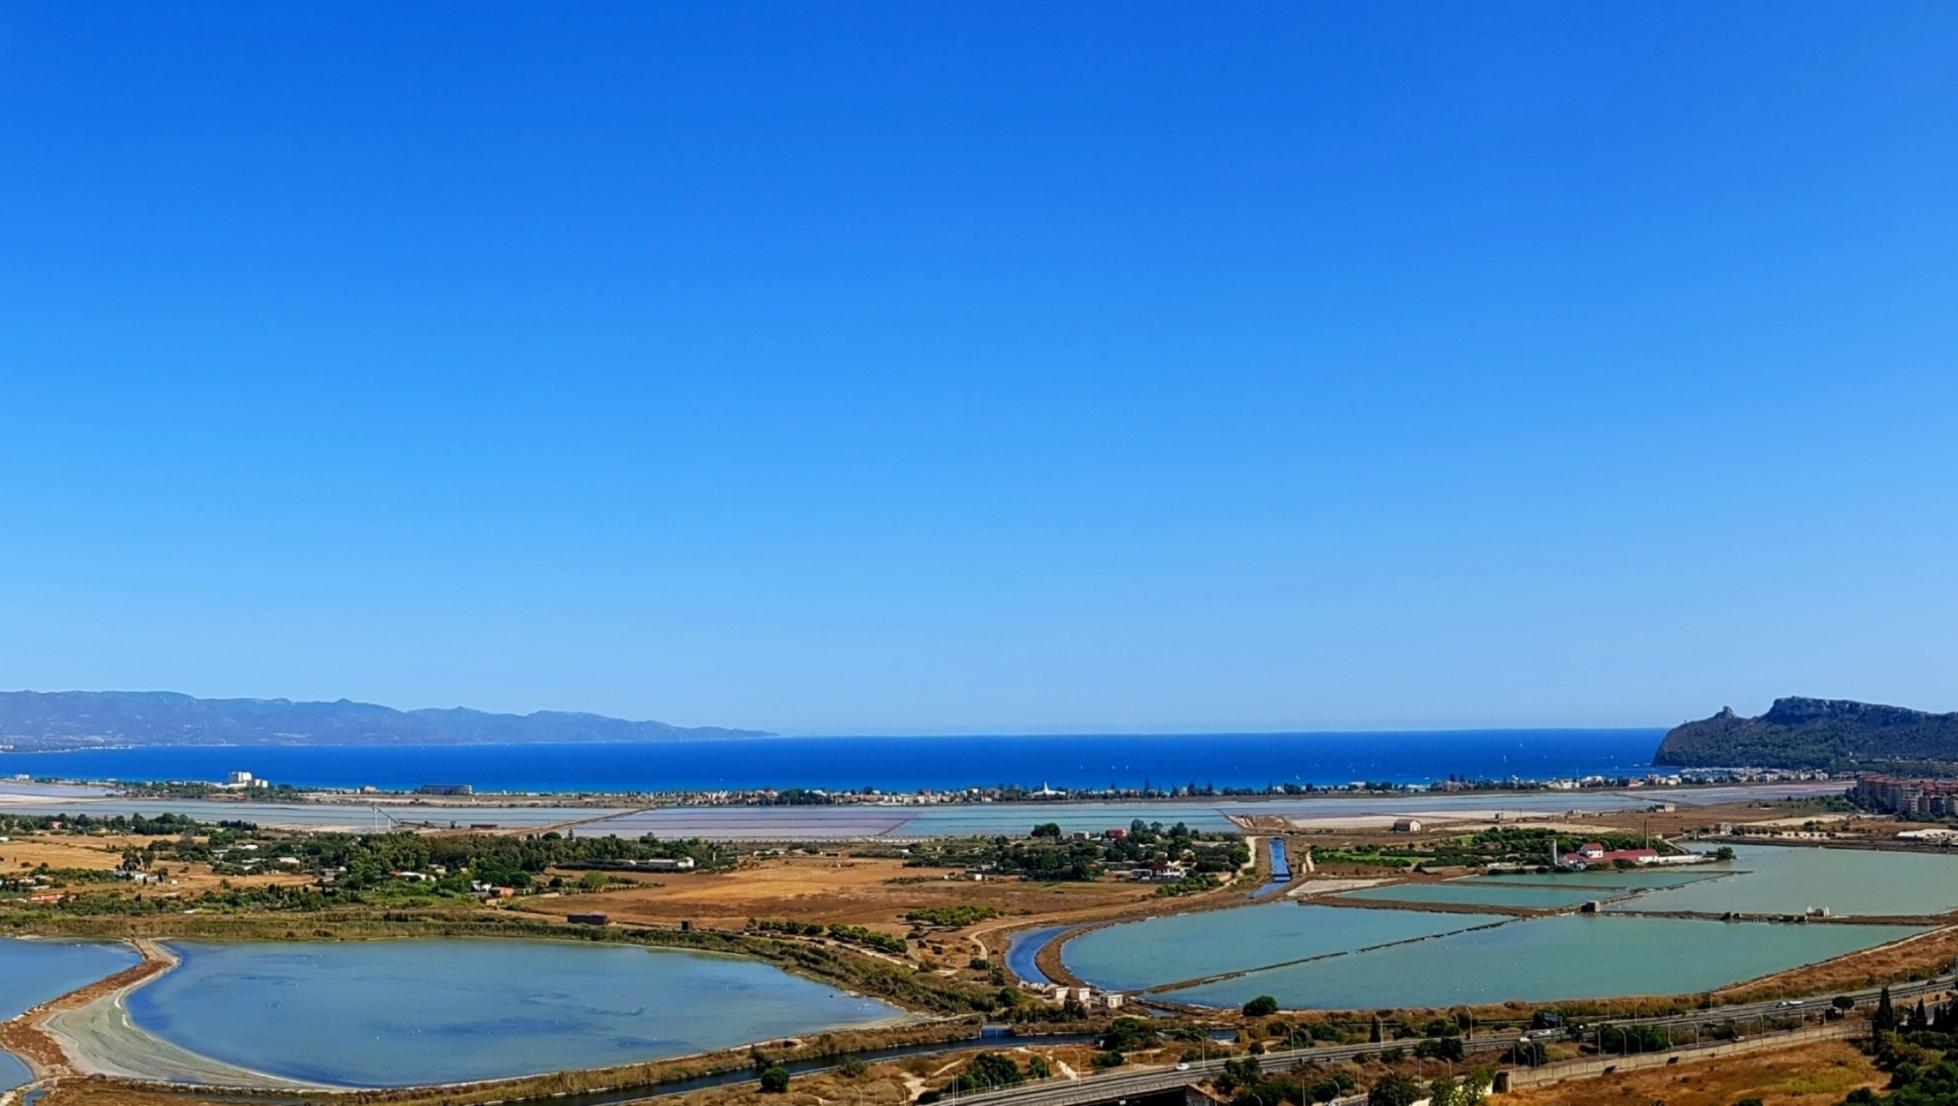 Parco Molentargius-Saline e Poetto visti da Monte Urpinu - Cagliari